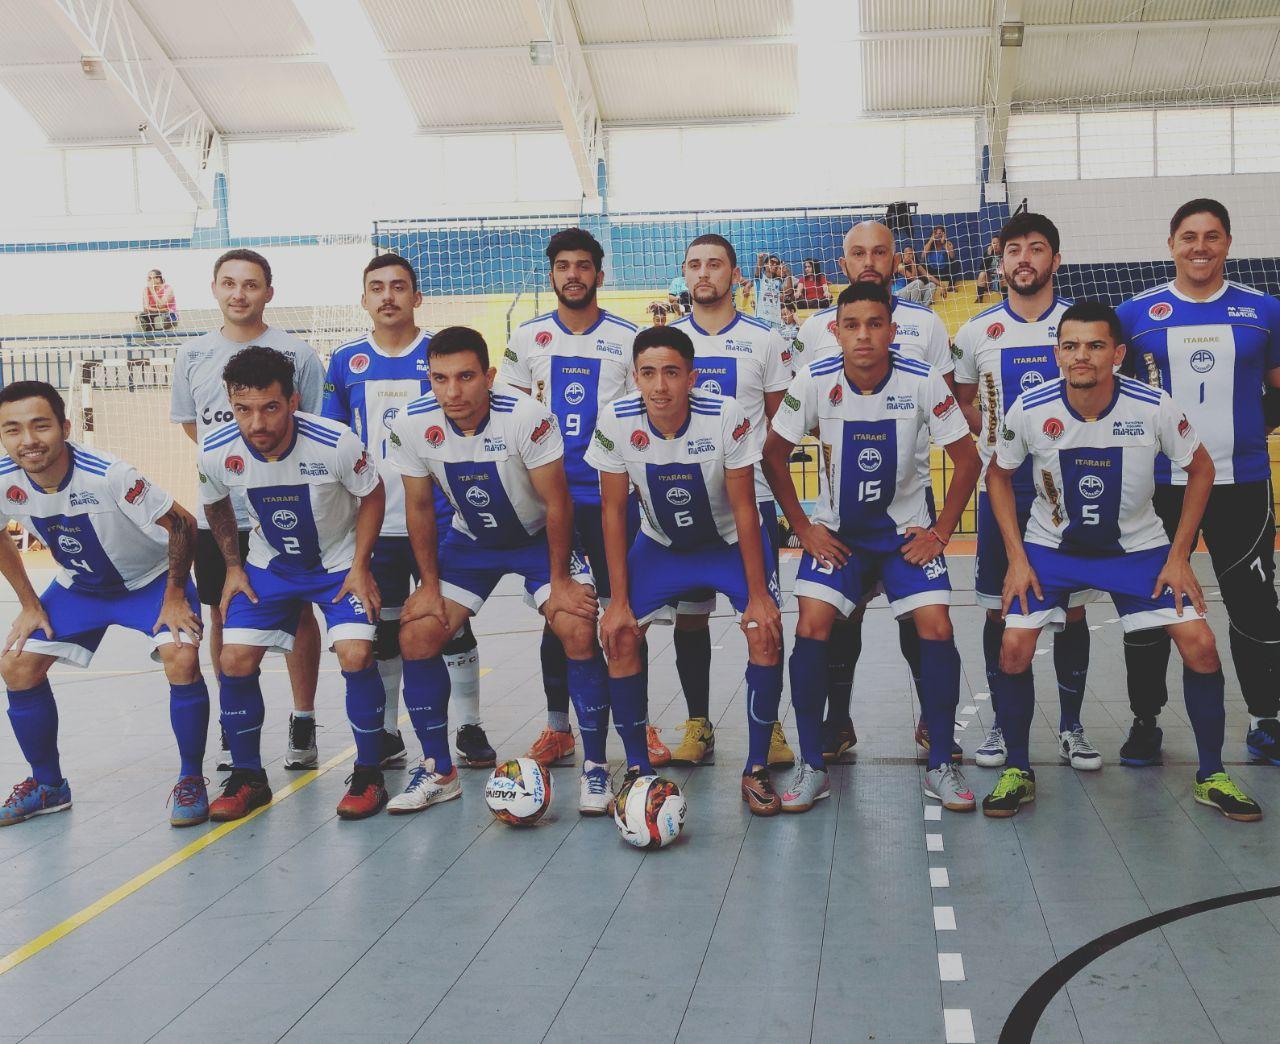 Equipes de Futsal de Itararé estreiam com vitória nos Jogos Regionais